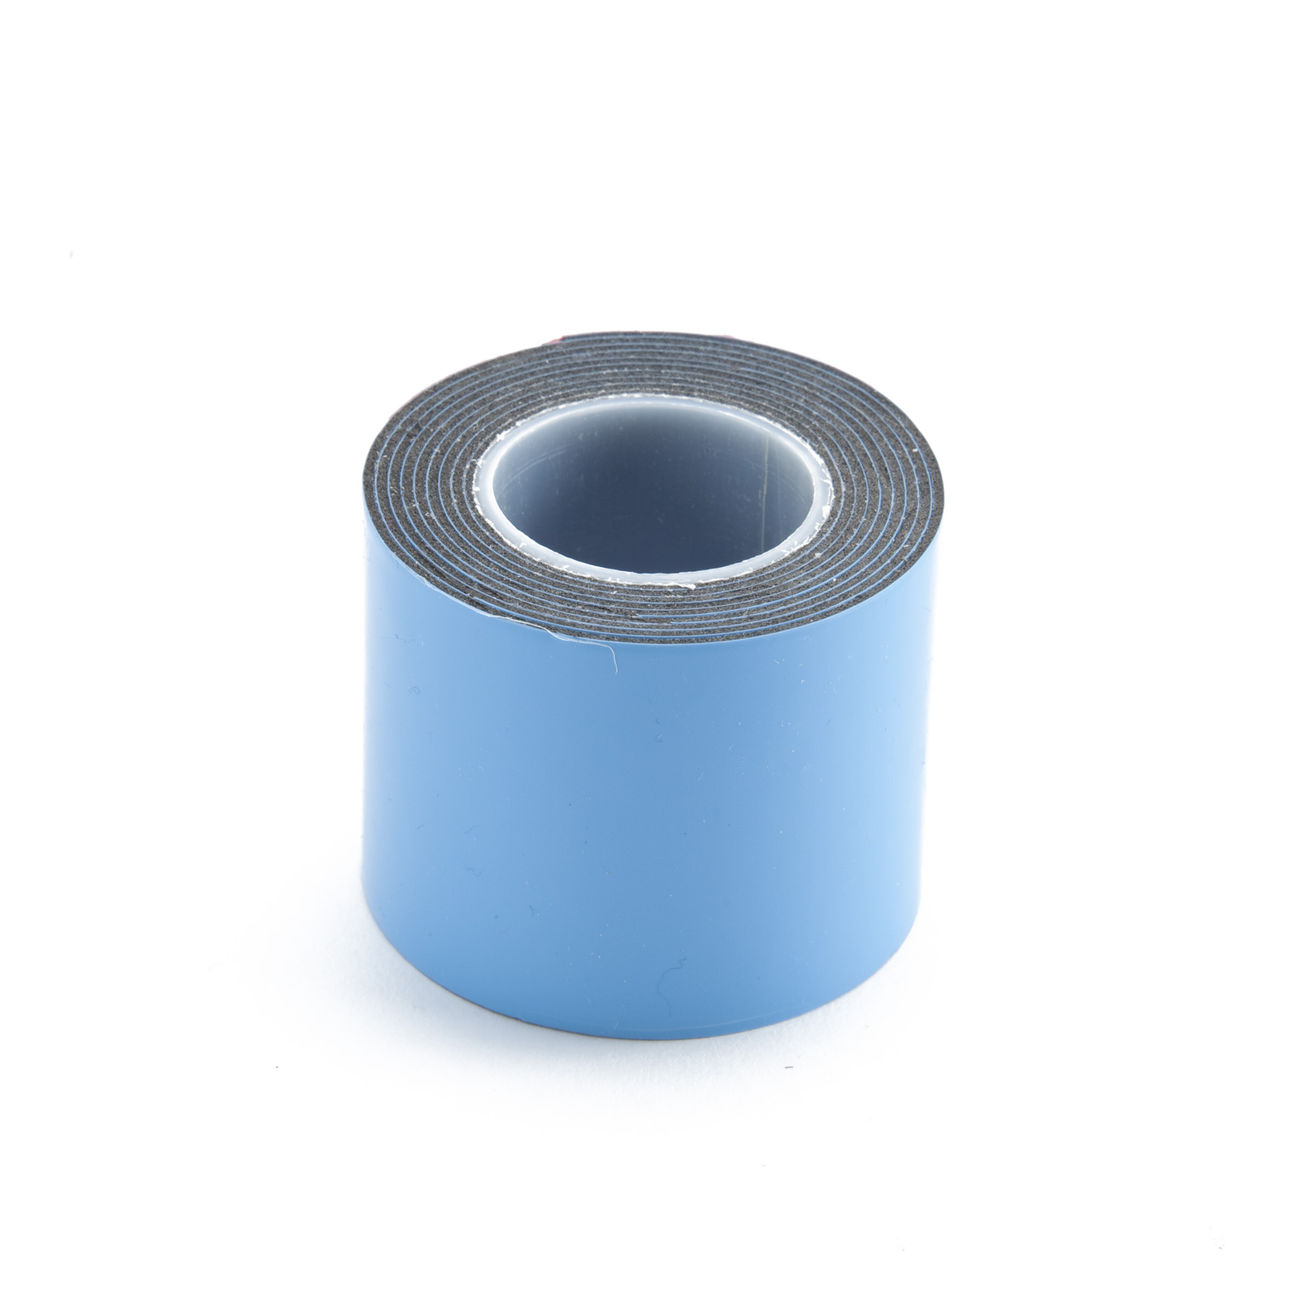 hrc doppelseitiges klebeband servo tape extra stark 90 cm kotte zeller. Black Bedroom Furniture Sets. Home Design Ideas